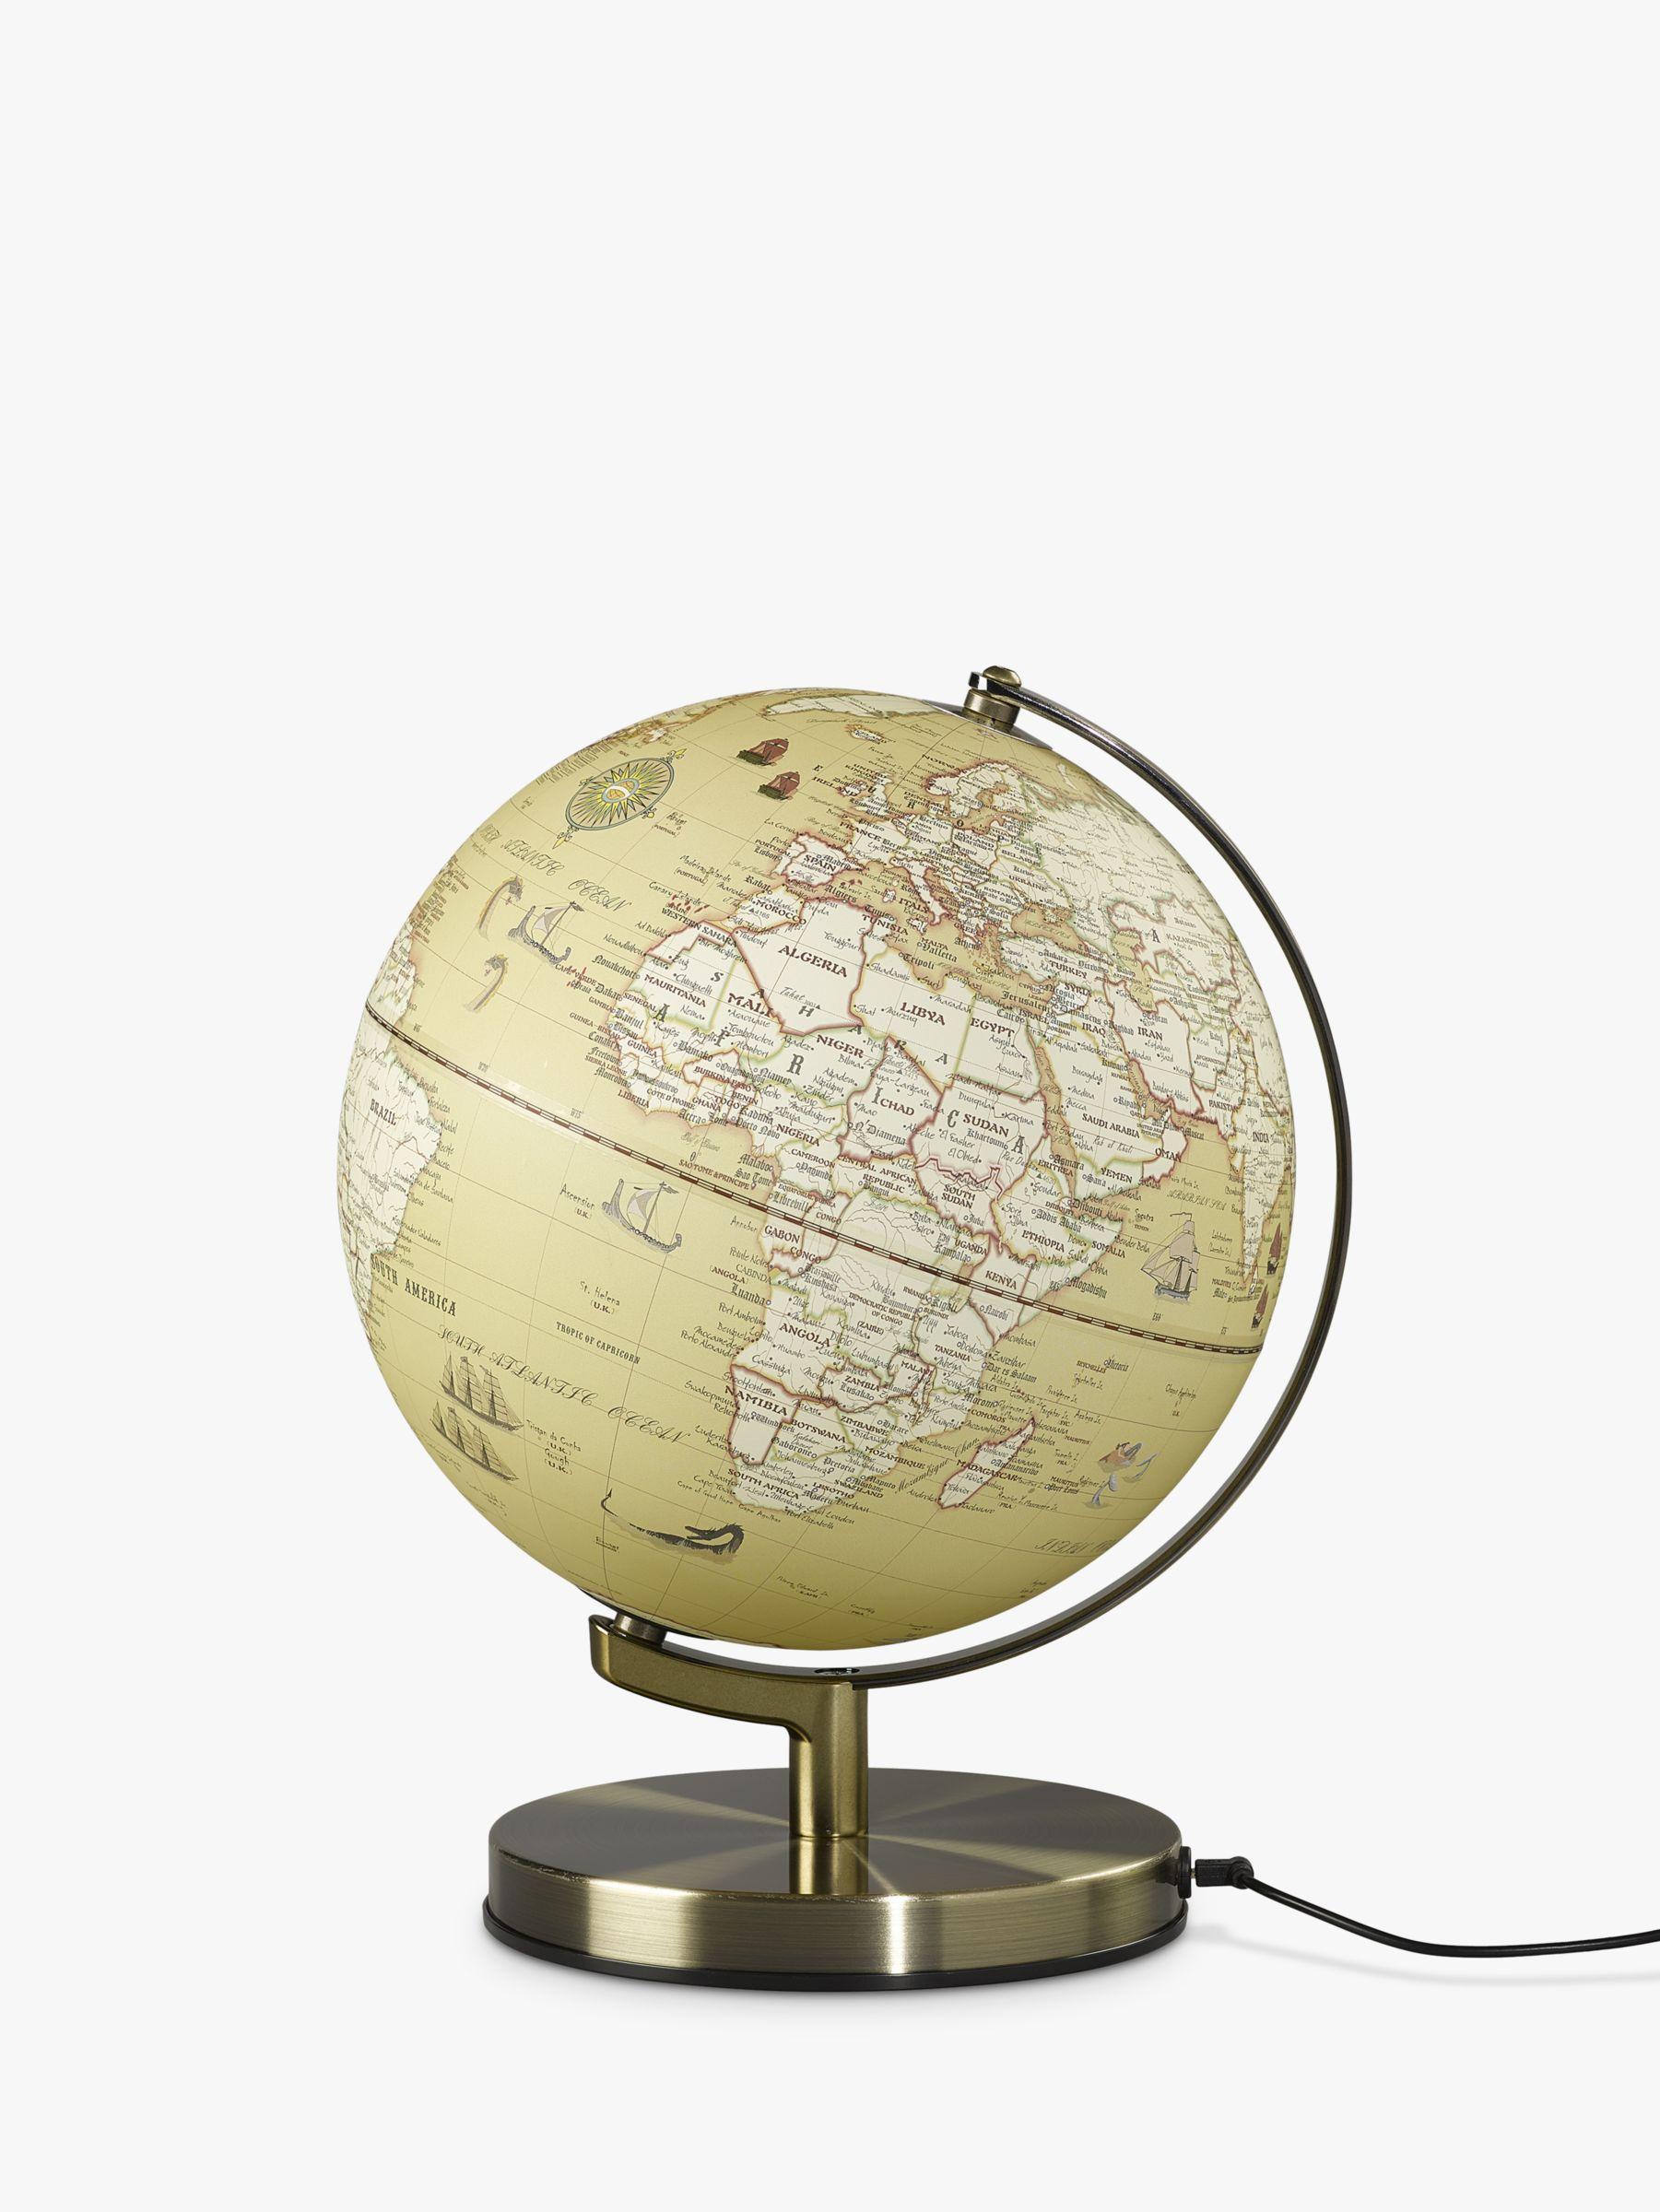 Wild & Wolf Wild & Wolf Light Up Vintage Globe, 25cm